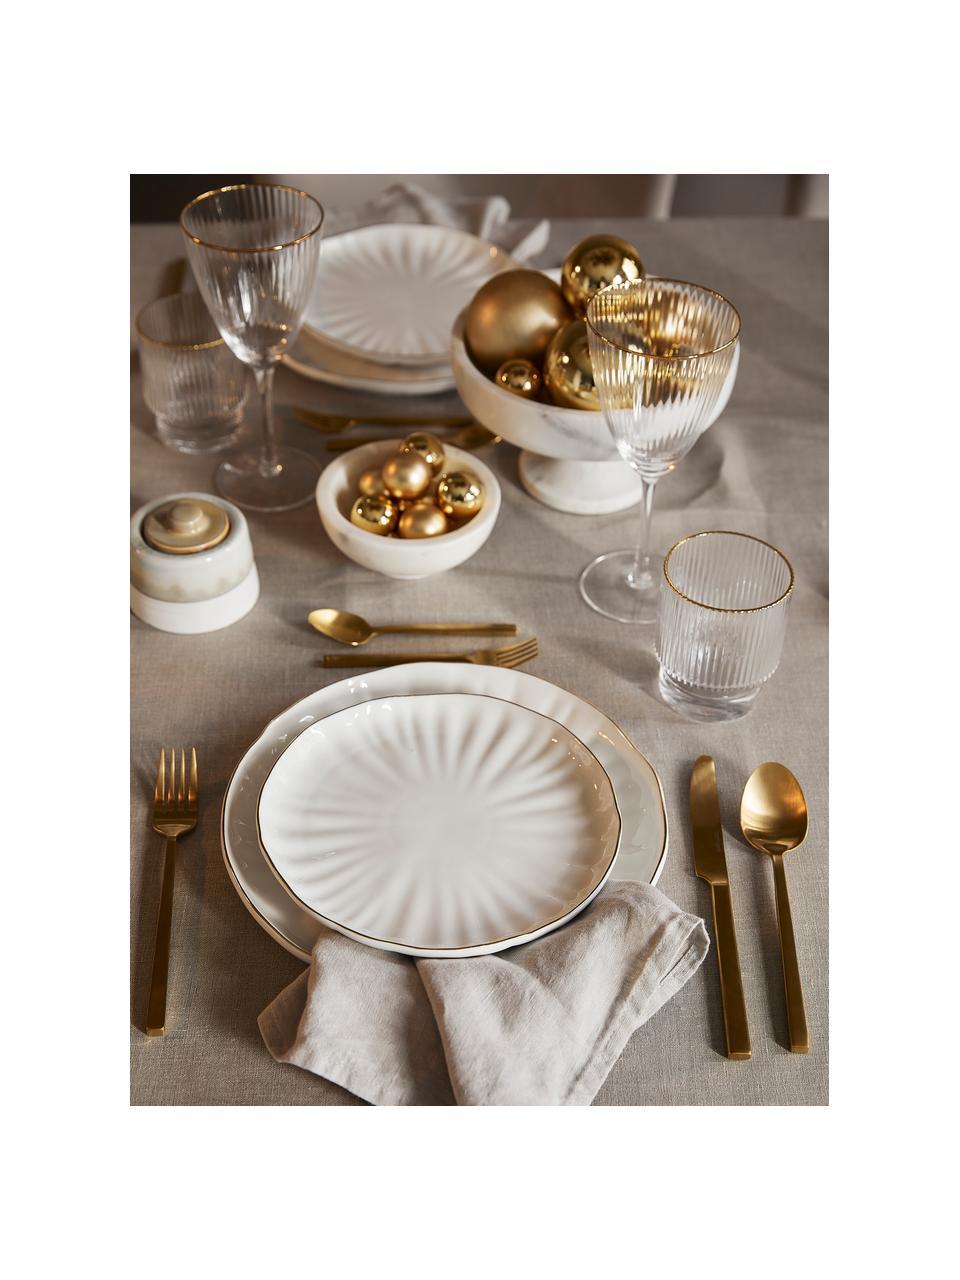 Frühstücksteller Sali aus Porzellan mit goldenem Rand und Relief, 2 Stück, Porzellan, Weiß, Ø 21 cm